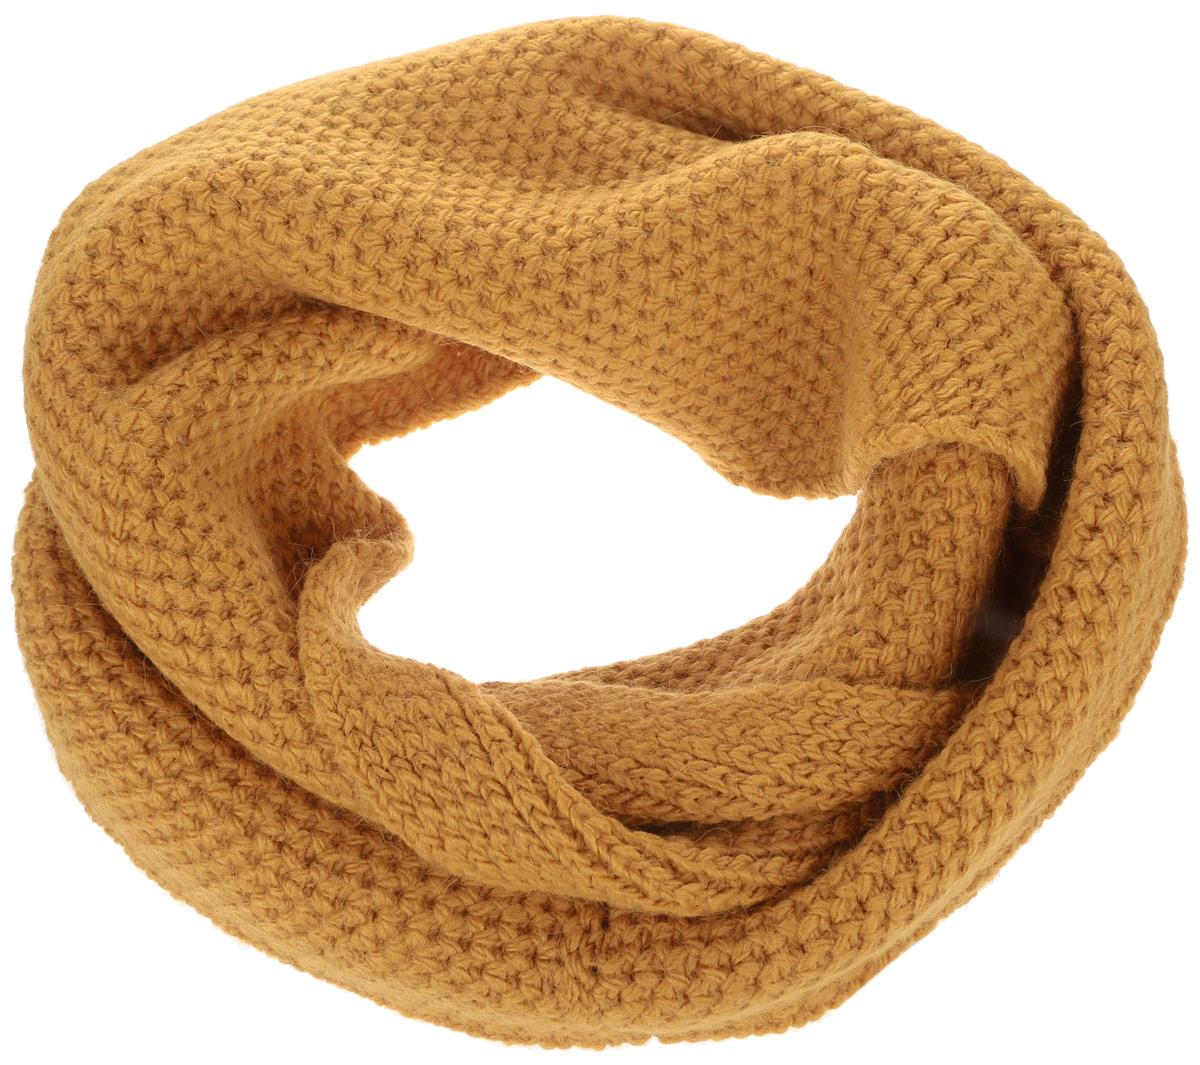 Снуд-хомут женский Baon, цвет: оранжевый. B333. Размер 29 см х 154 смB333Стильный снуд-хомут Baon, выполненный из акрила с добавлением полиамида и эластана, создан подчеркнуть ваш неординарный вкус и согреть вас в прохладное время года. Снуд - это объемный шарф, связанный по кругу, который можно носить не только на шее, но и как головной убор.Этот модный аксессуар гармонично дополнит образ современной женщины, следящей за своим имиджем и стремящейся всегда оставаться стильной и элегантной.